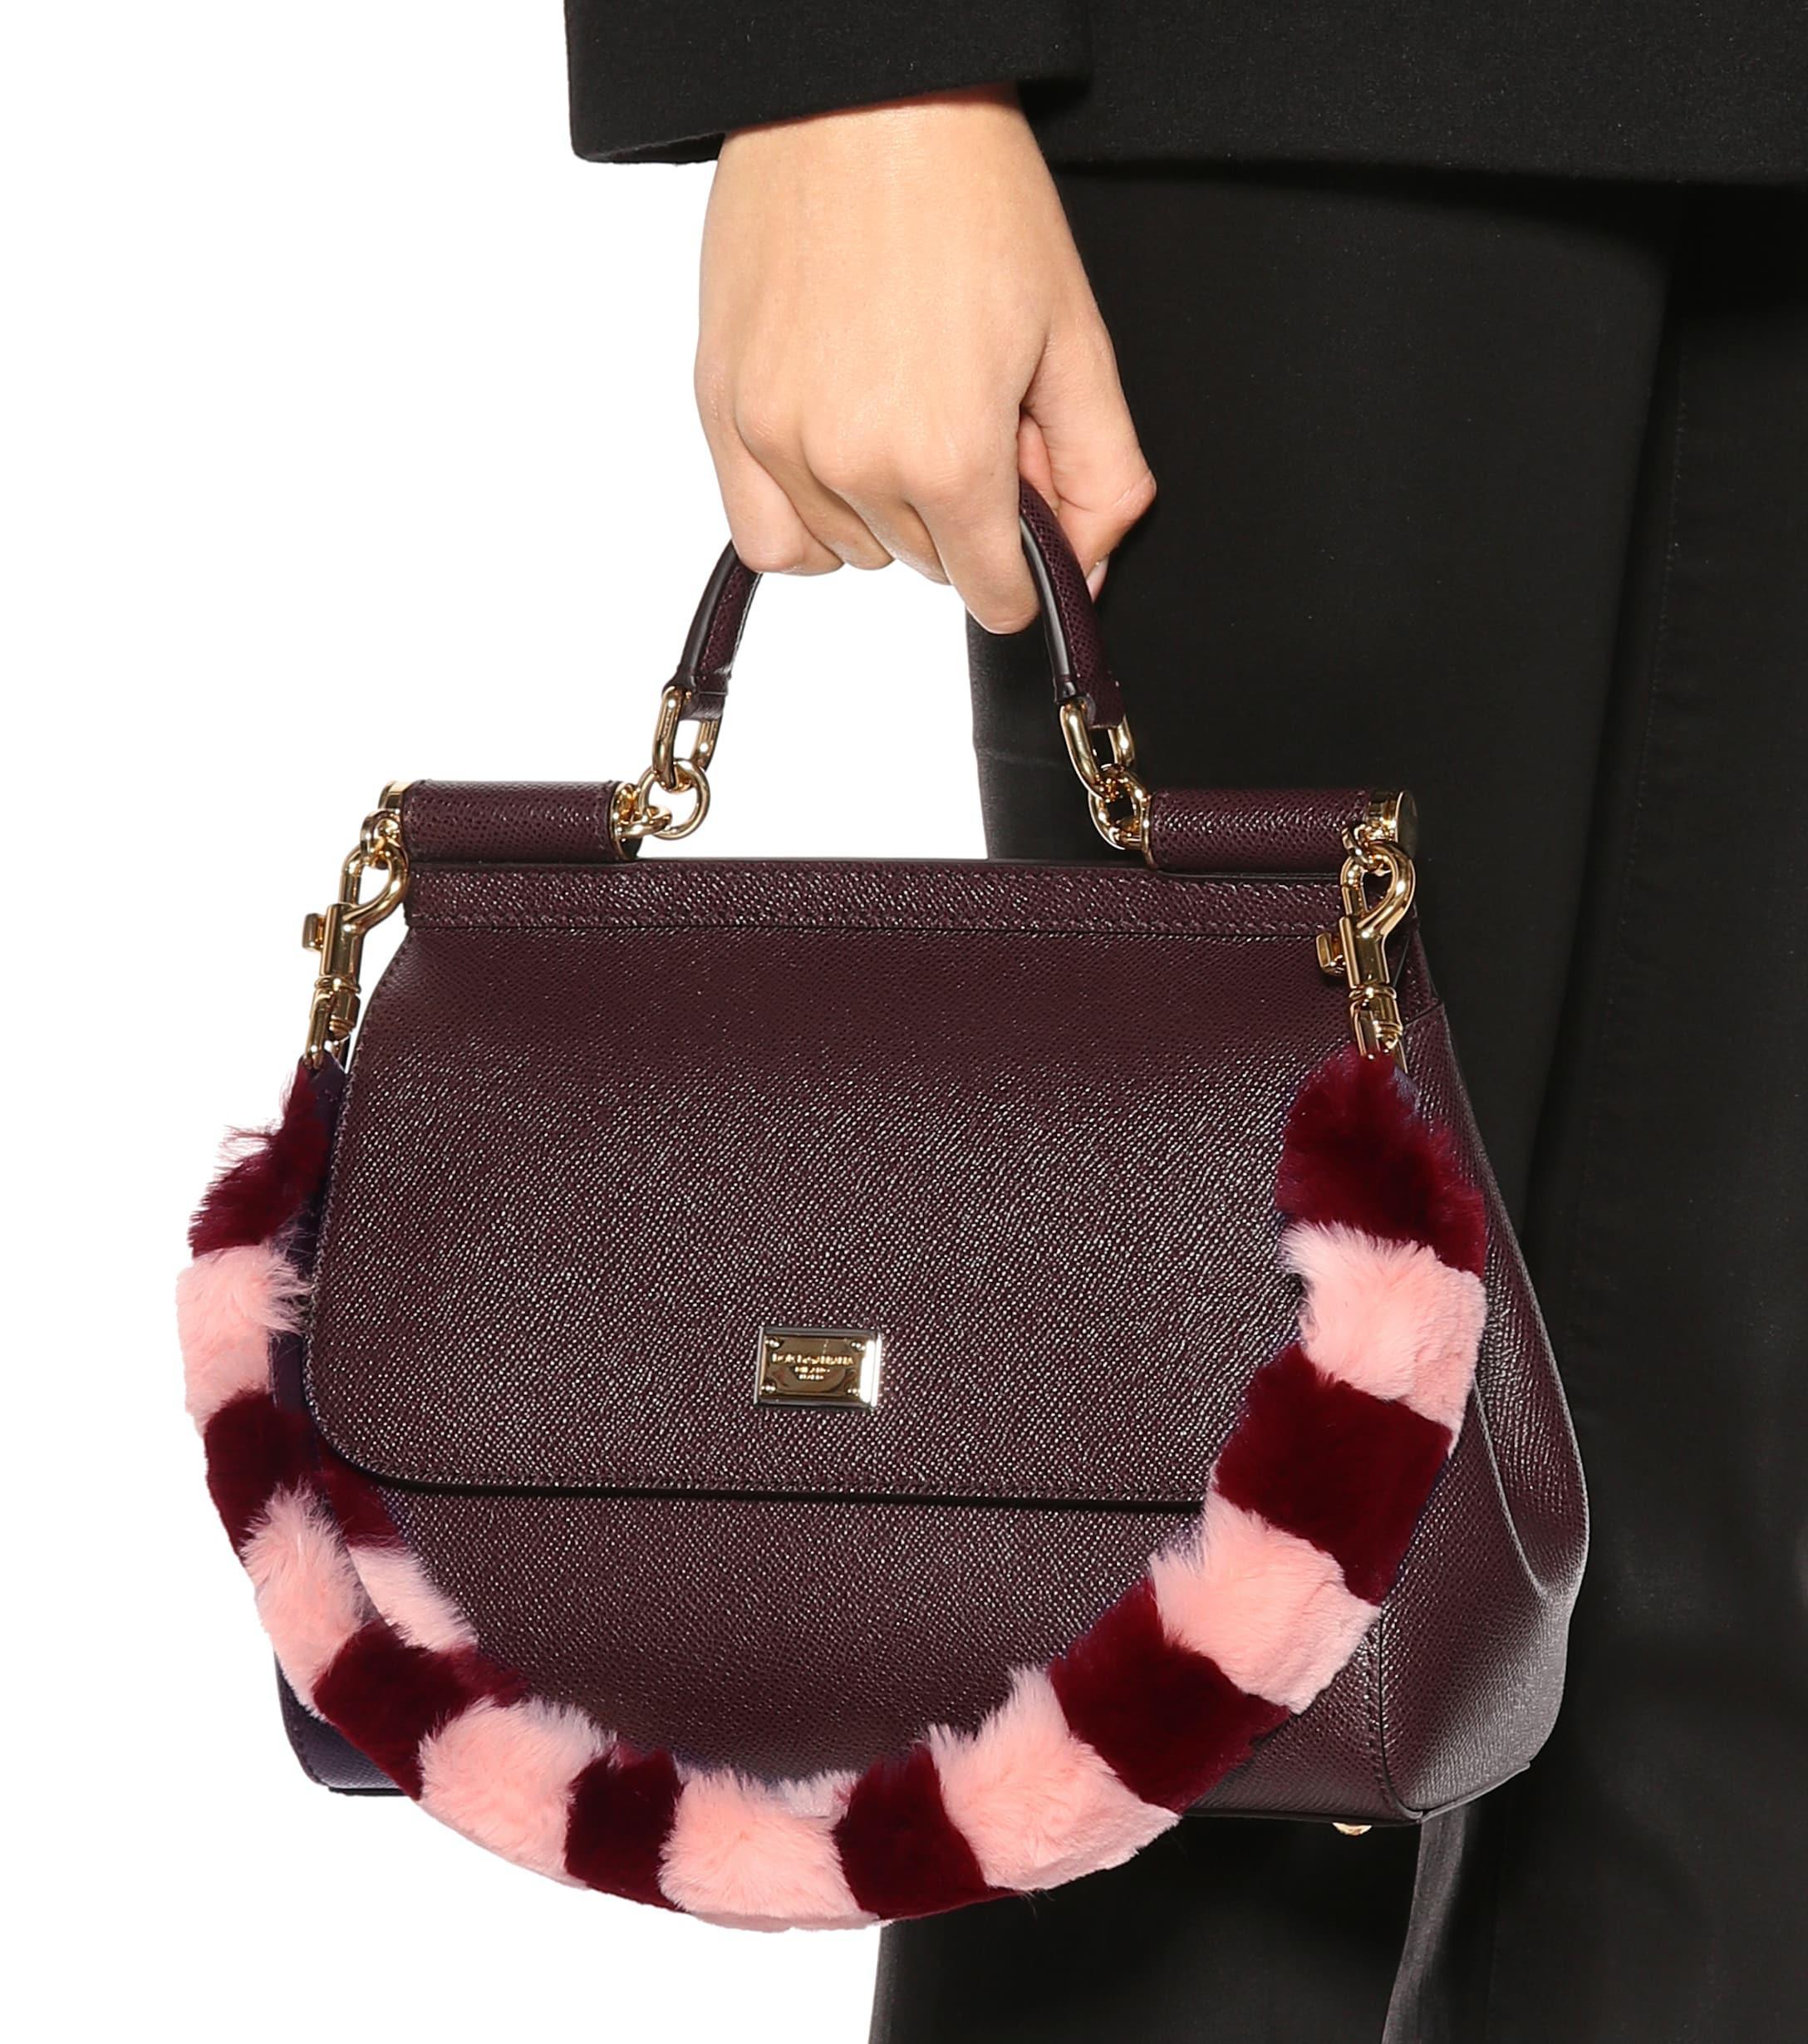 correa Lyst Dolce cuero de Gabbana a y correa rayas piel multicolor 5PvPFnq